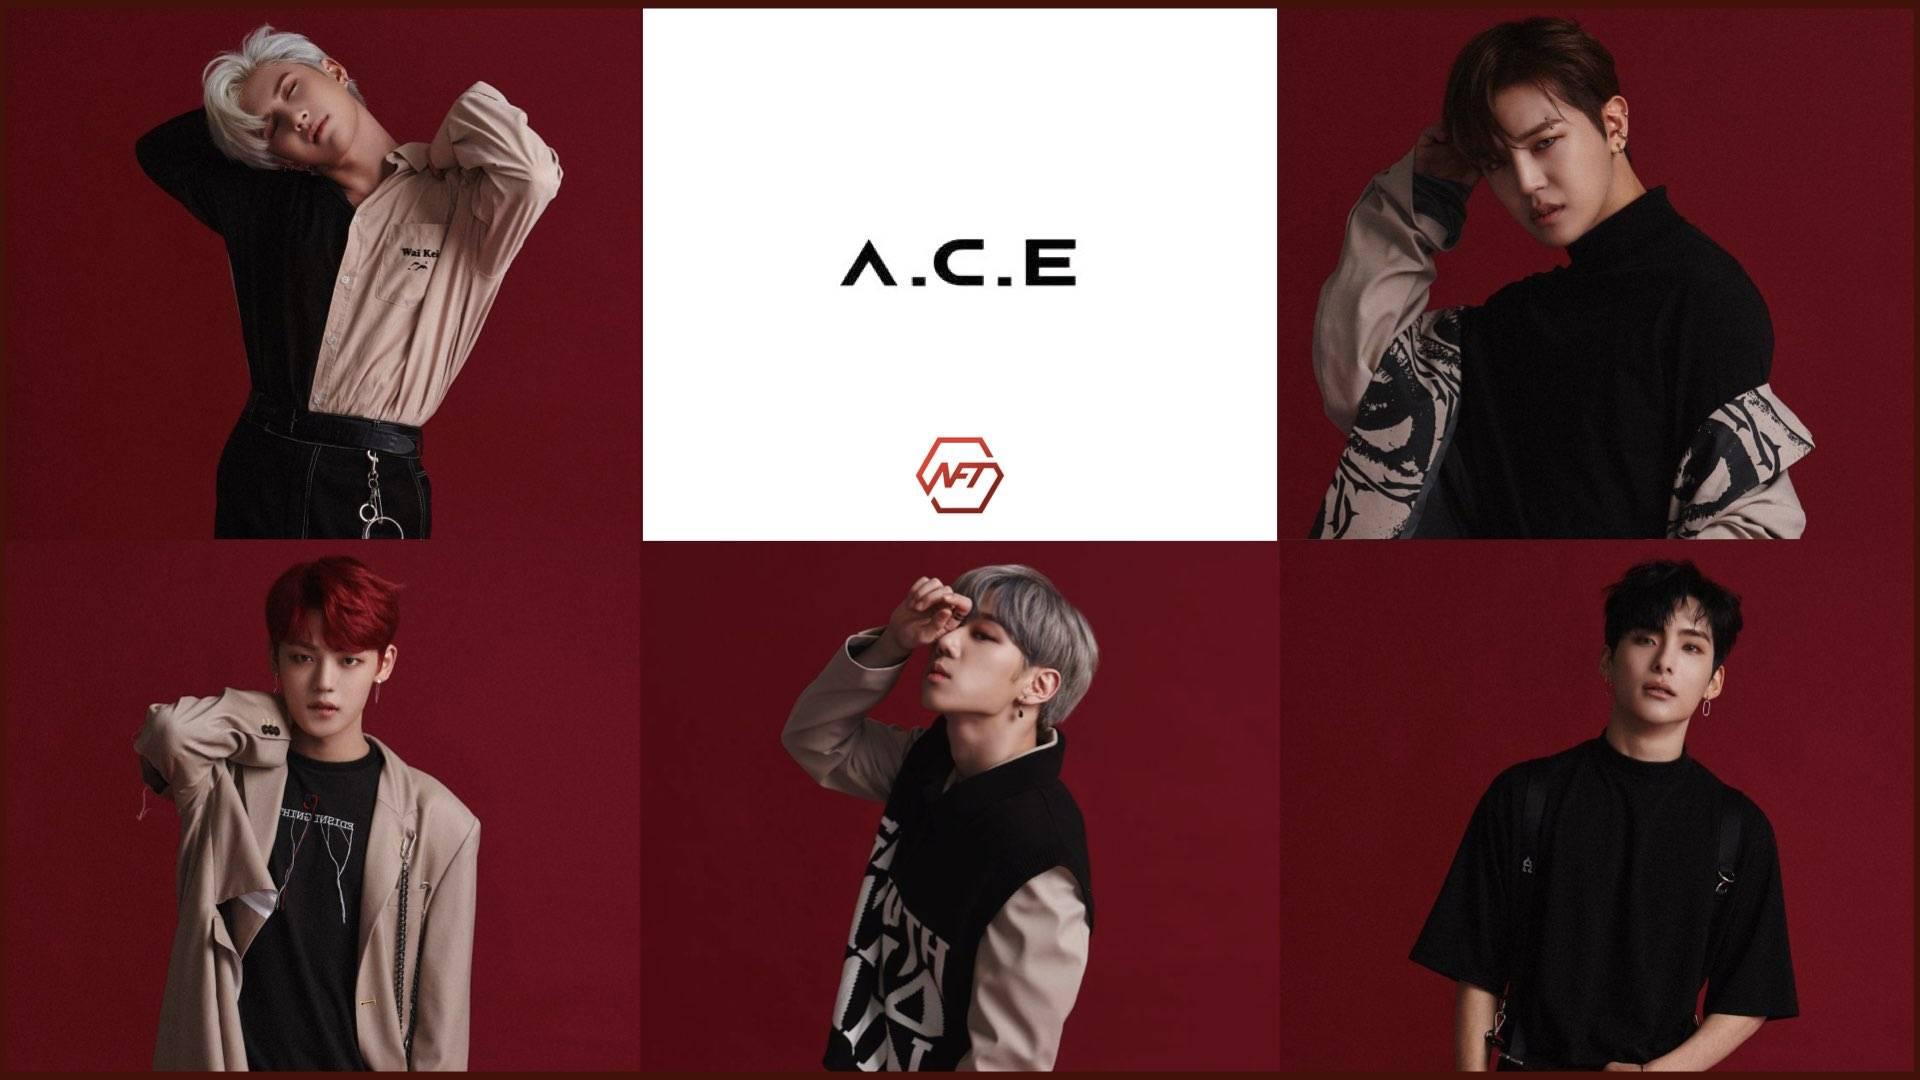 韩国一线男团 A.C.E 发行NFT 能否带起粉丝经济新模式?